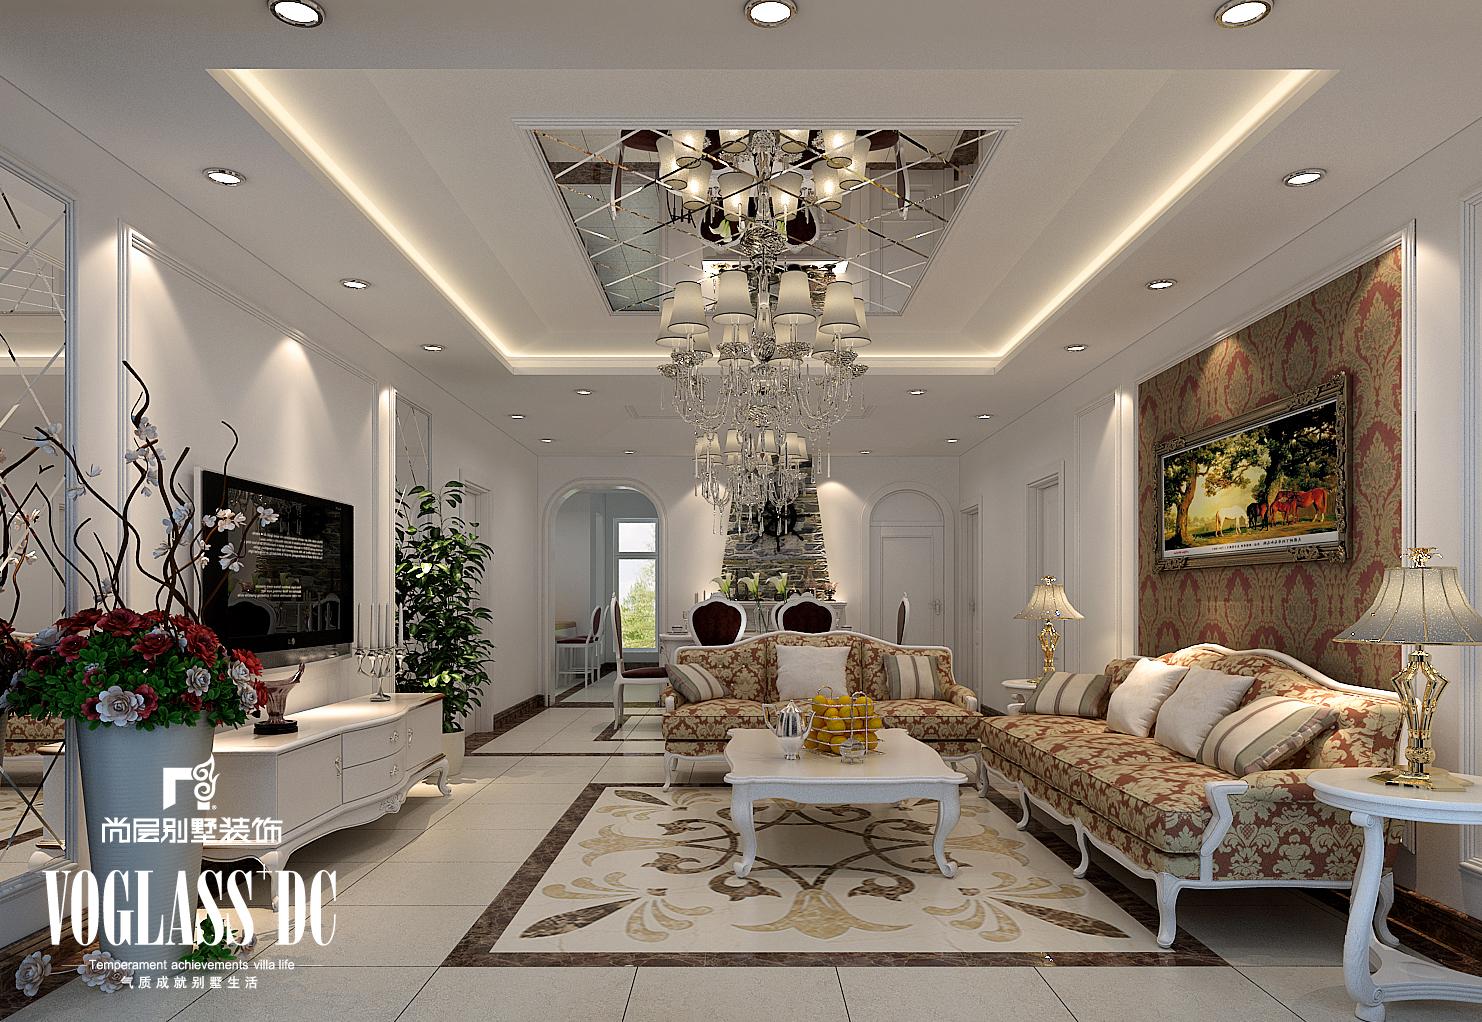 天津尚层 别墅 后现代图片来自Spencer丶nuzzi在后现代风格的分享